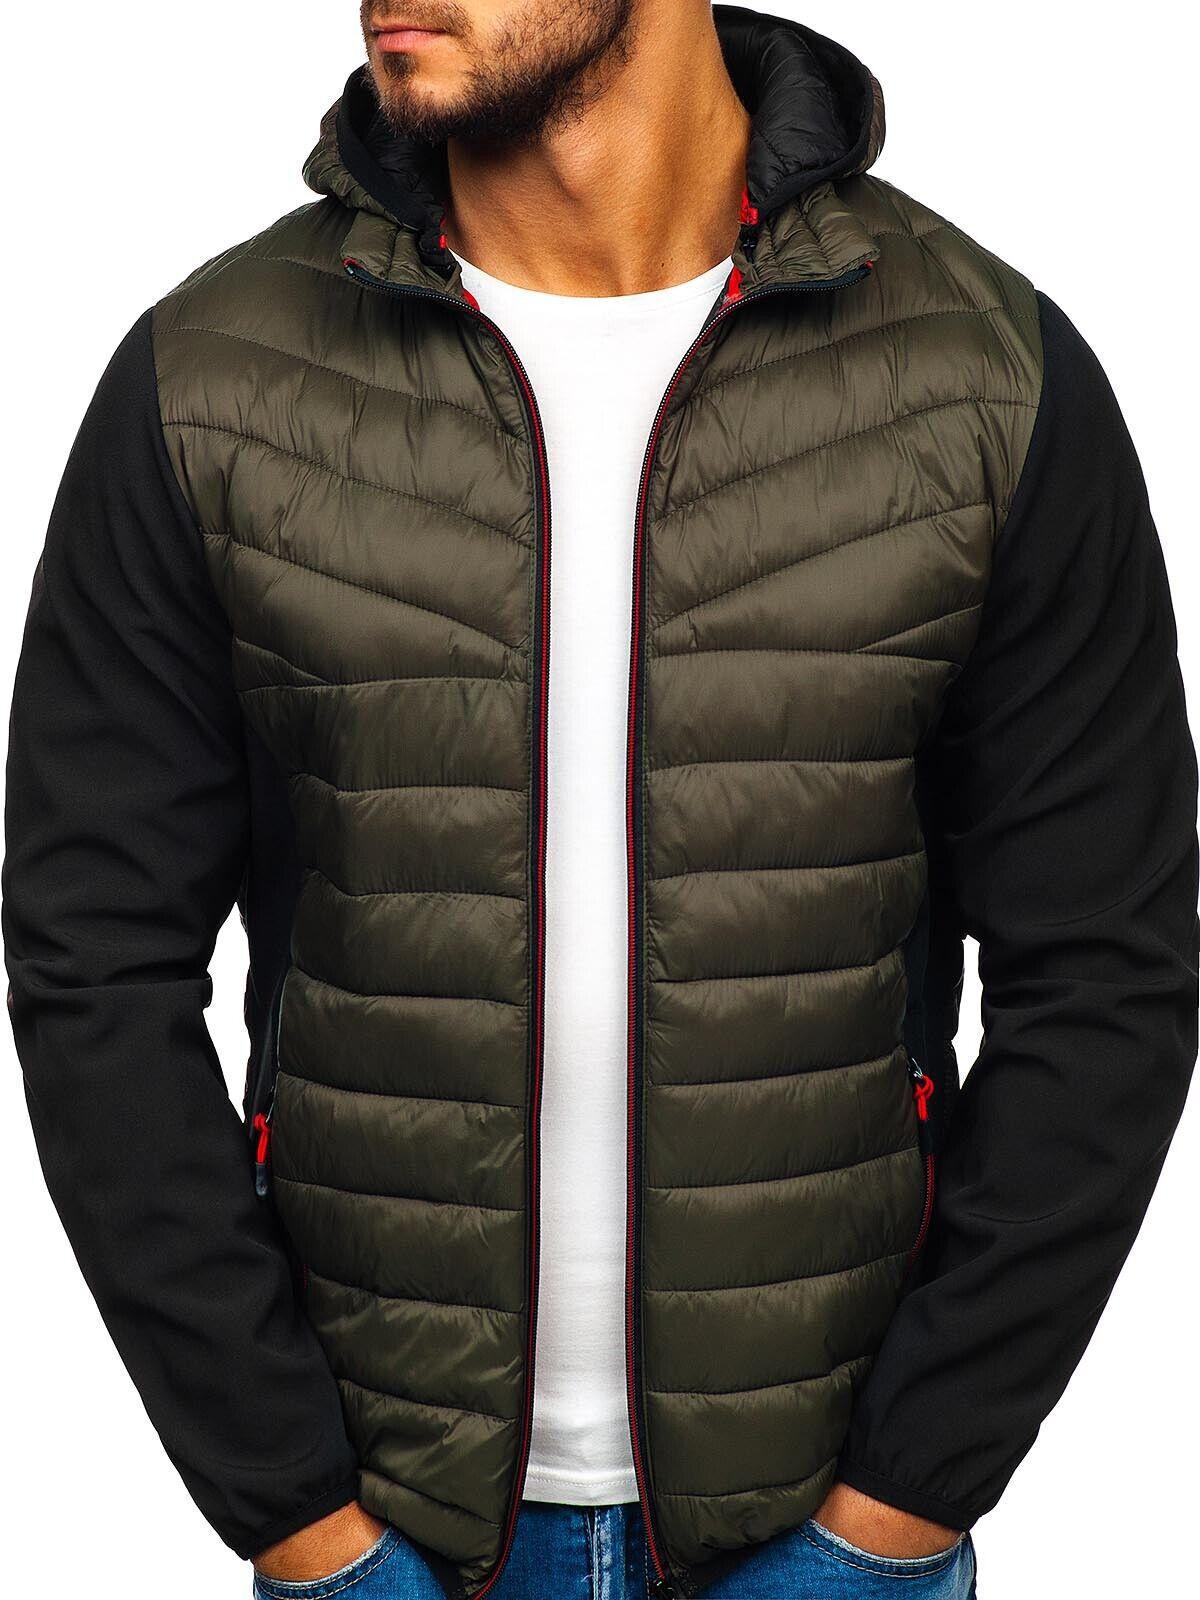 J.Style LY1006 Khaki